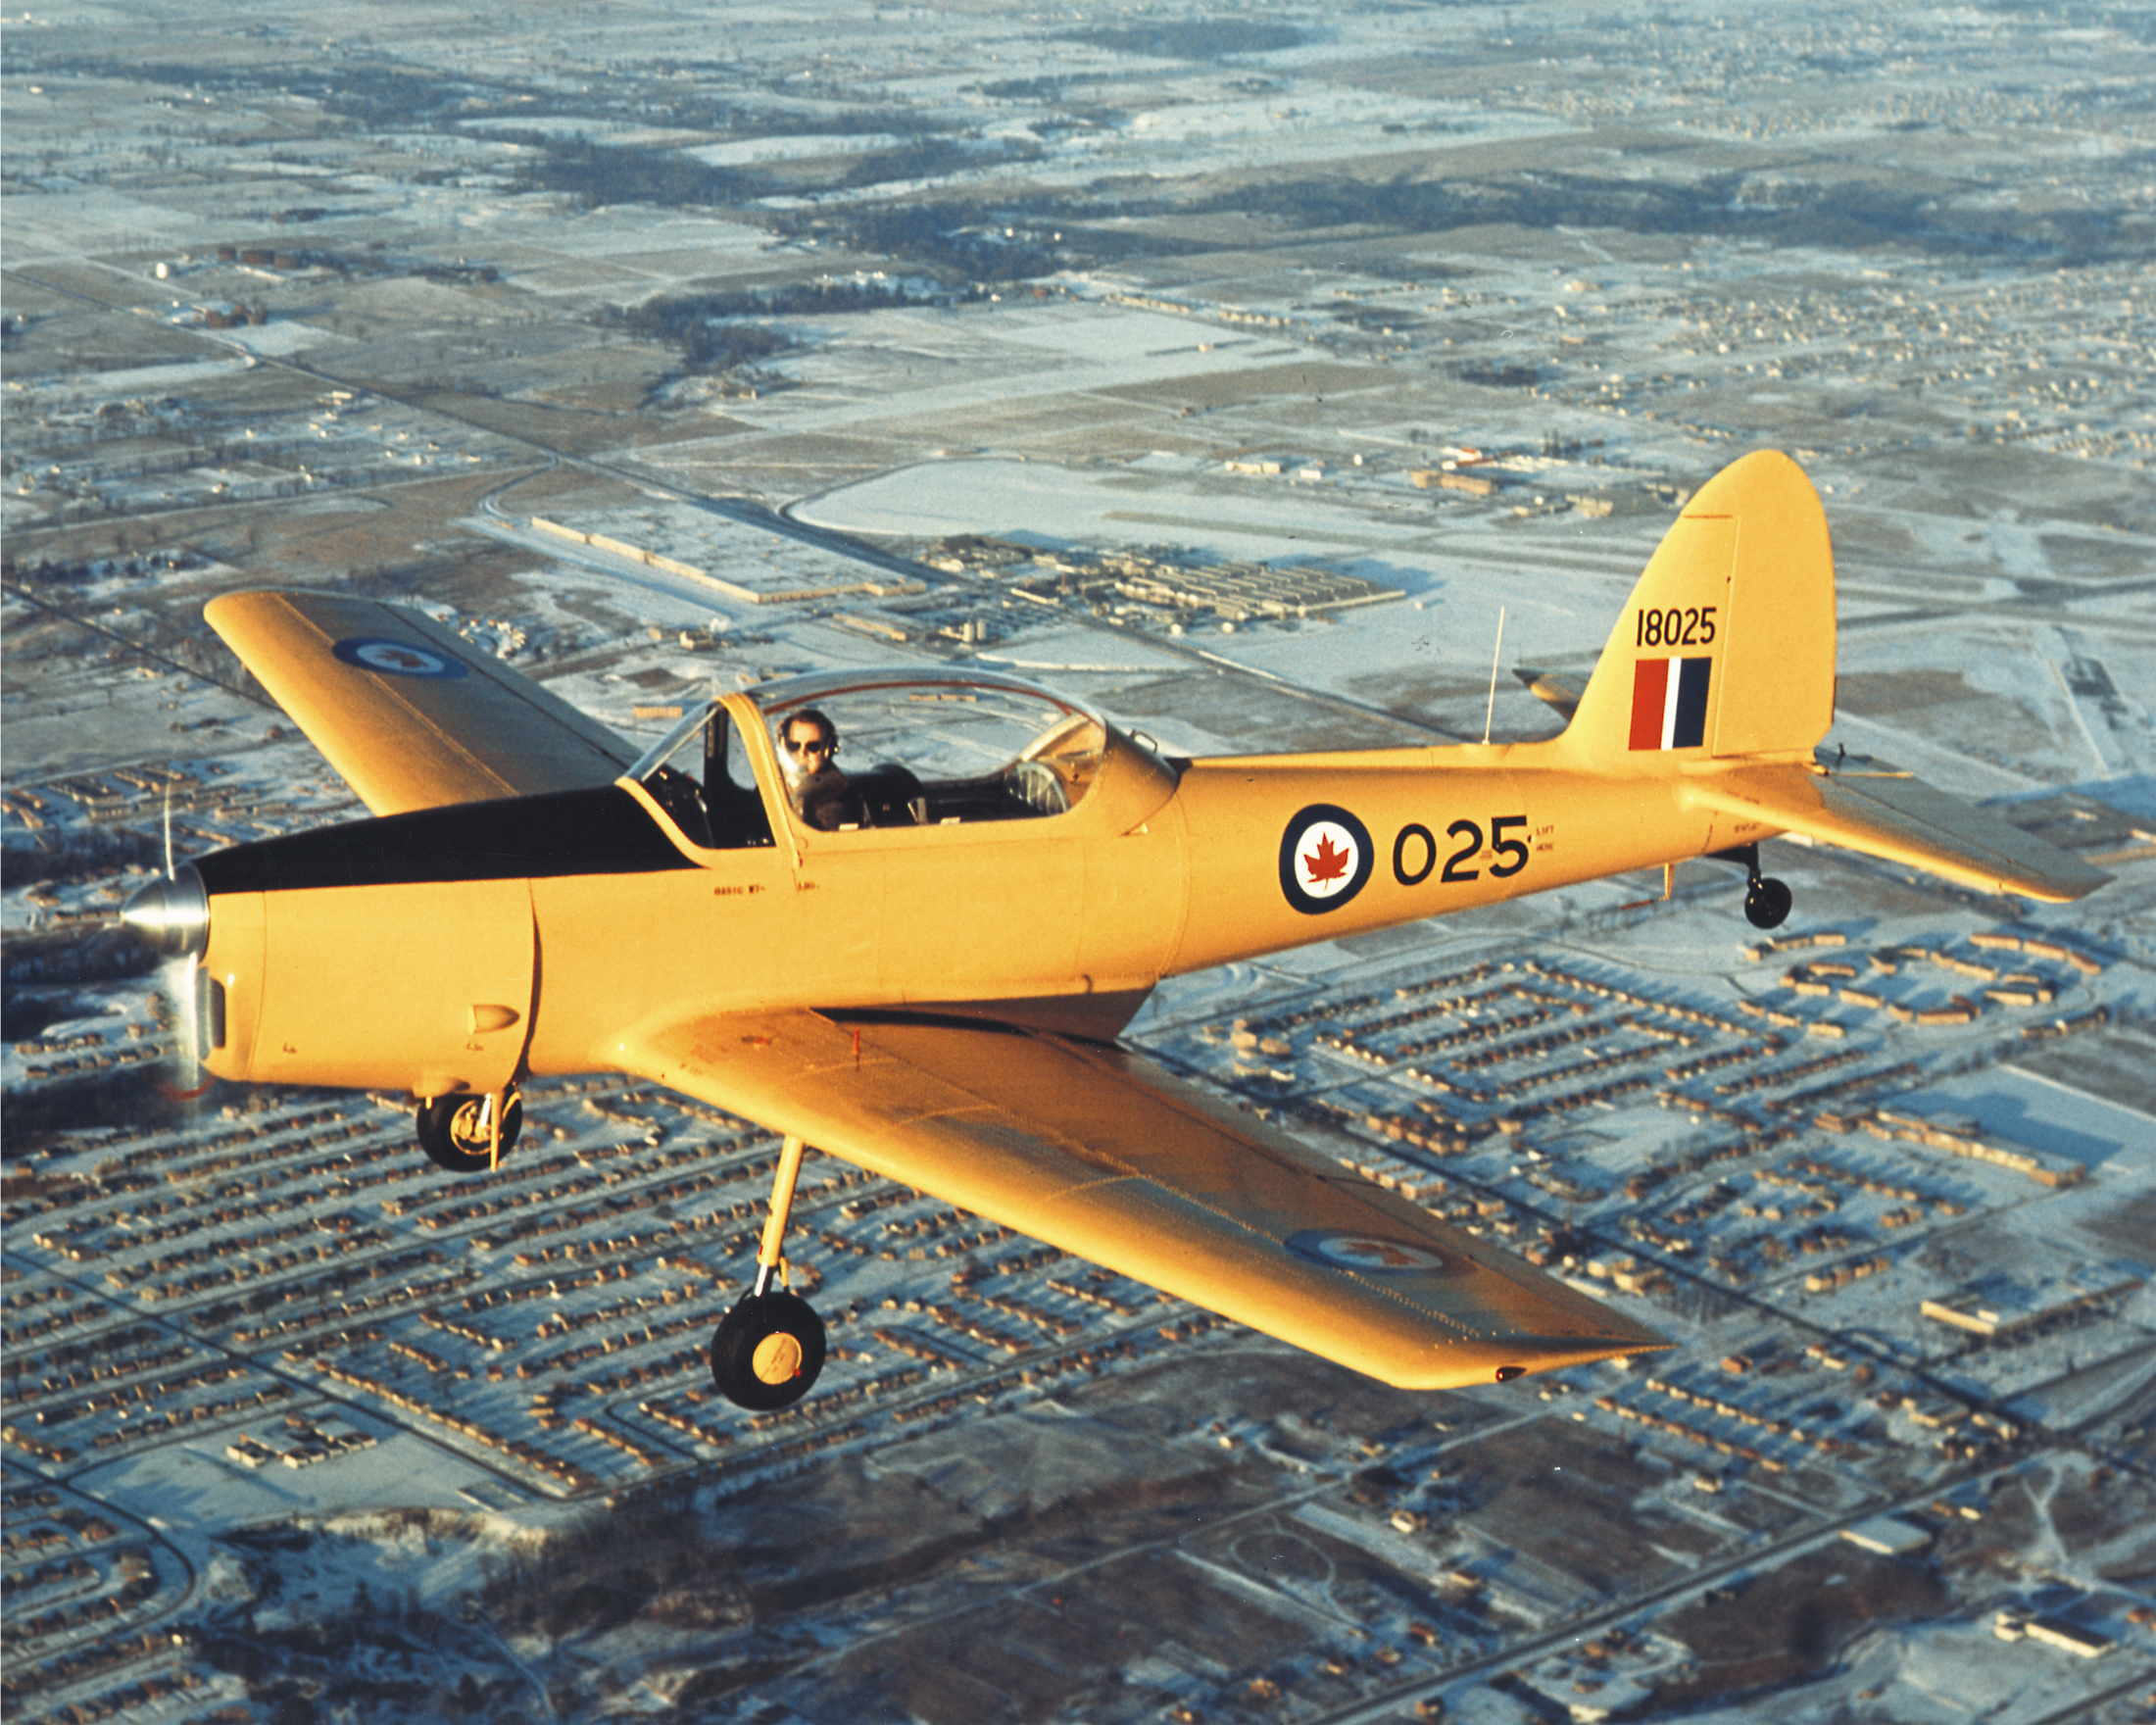 Dhc 1 Chipmunk Viking Air Ltd